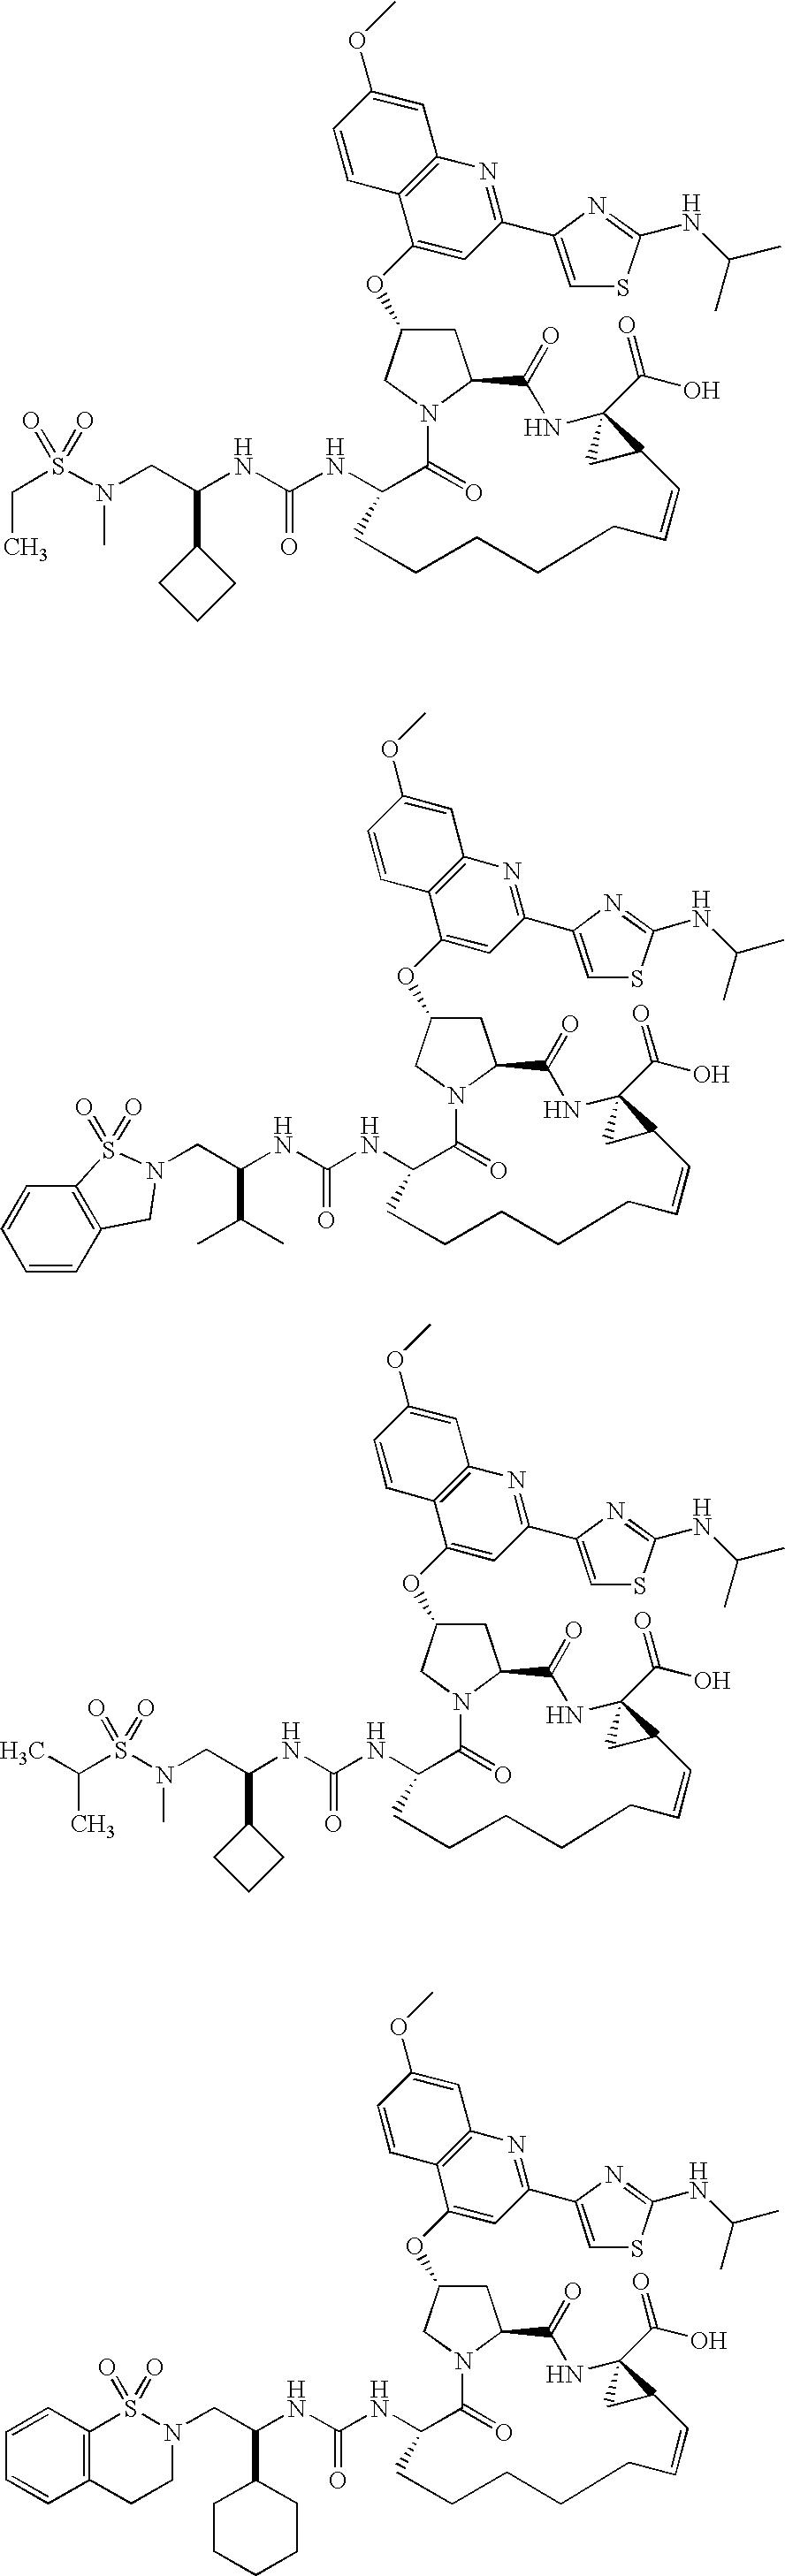 Figure US20060287248A1-20061221-C00169